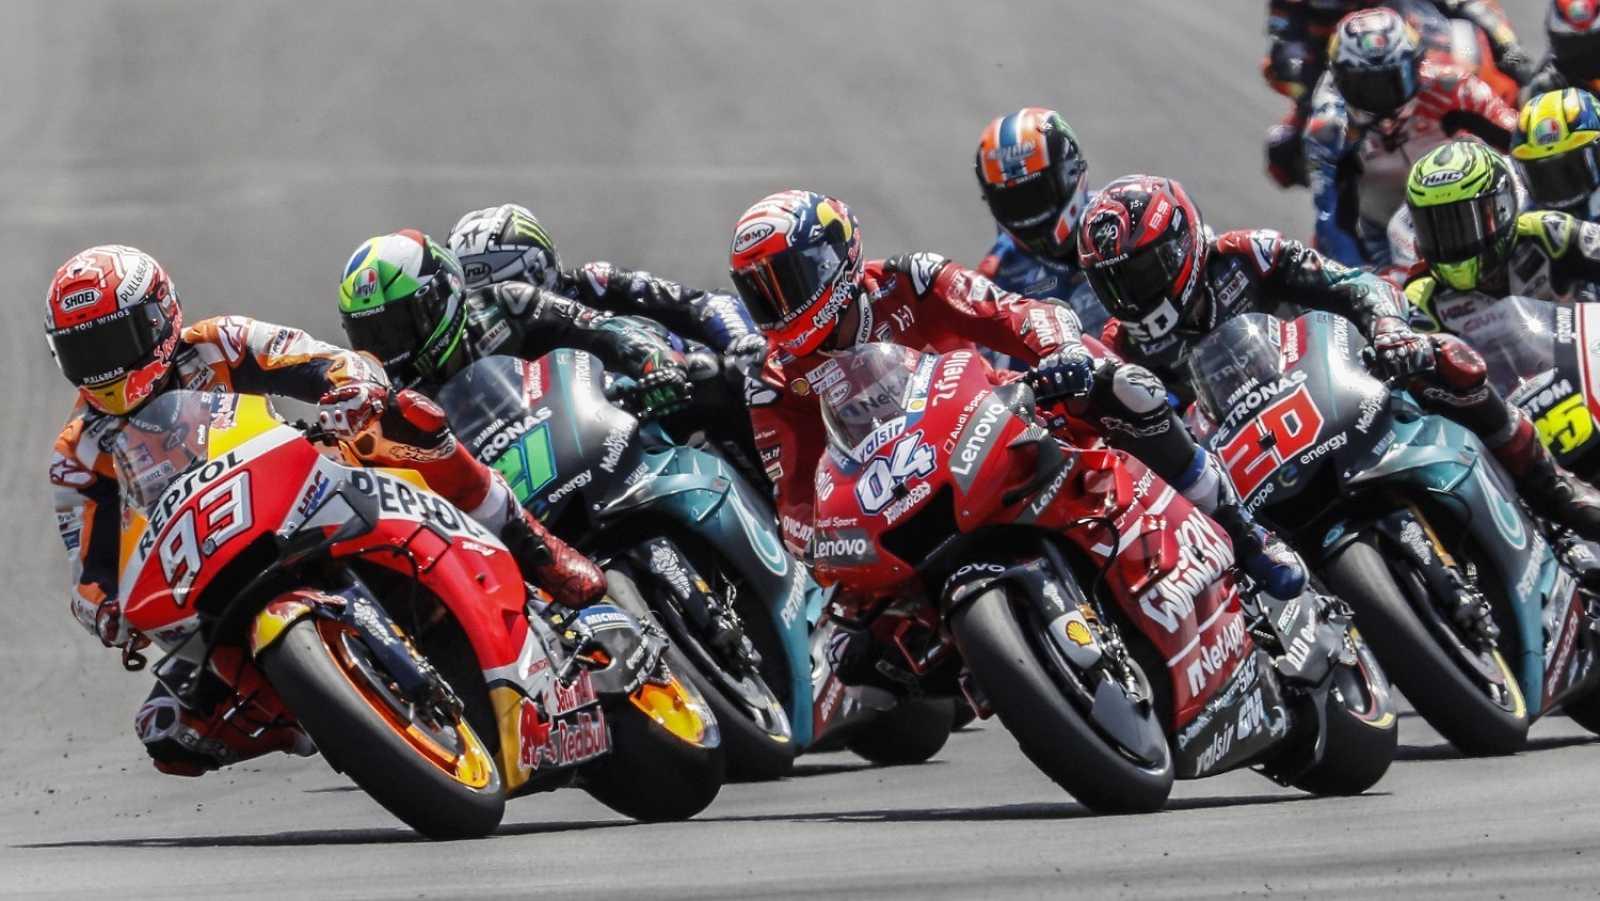 Un momento de la carrera de MotoGP en el Gran Premio de España disputado en el circuito de Jerez de la Frontera.